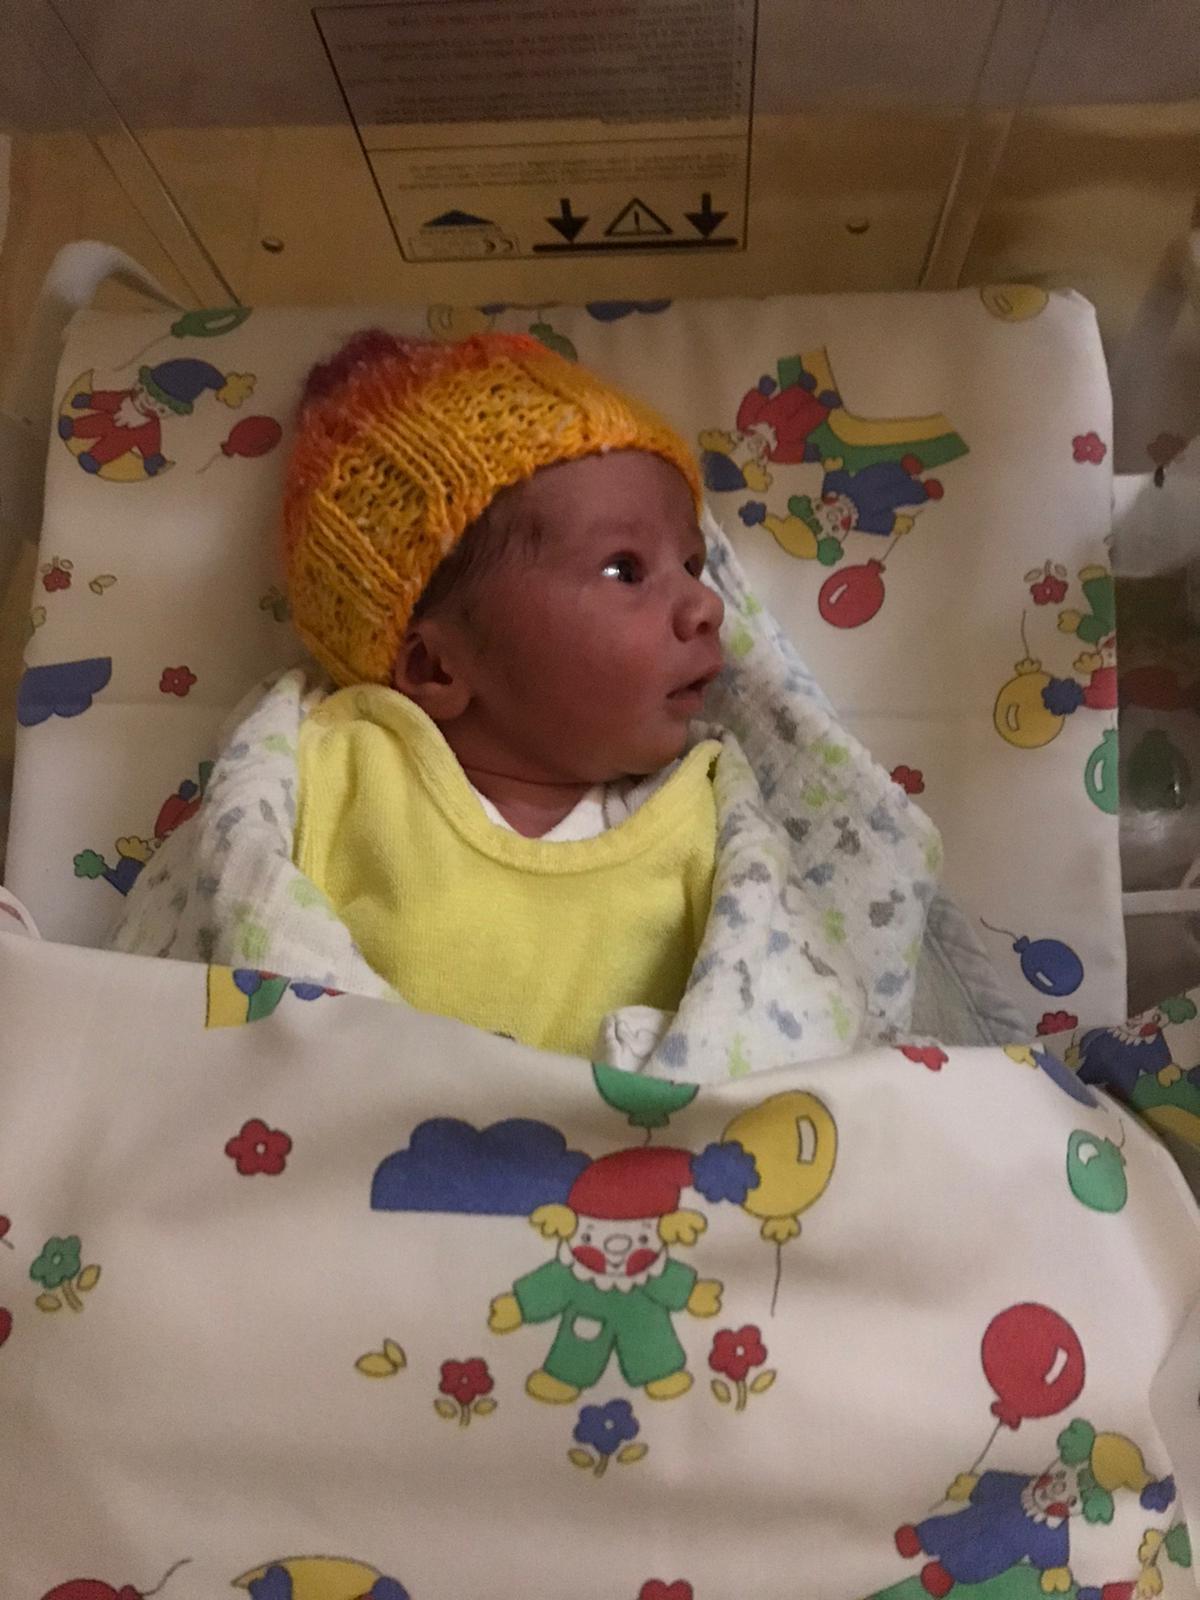 Benvenuto al mondo Keanu, il miracolo della vita nei tempi del Coronavirus: auguri ai genitori e a nonna Nadia